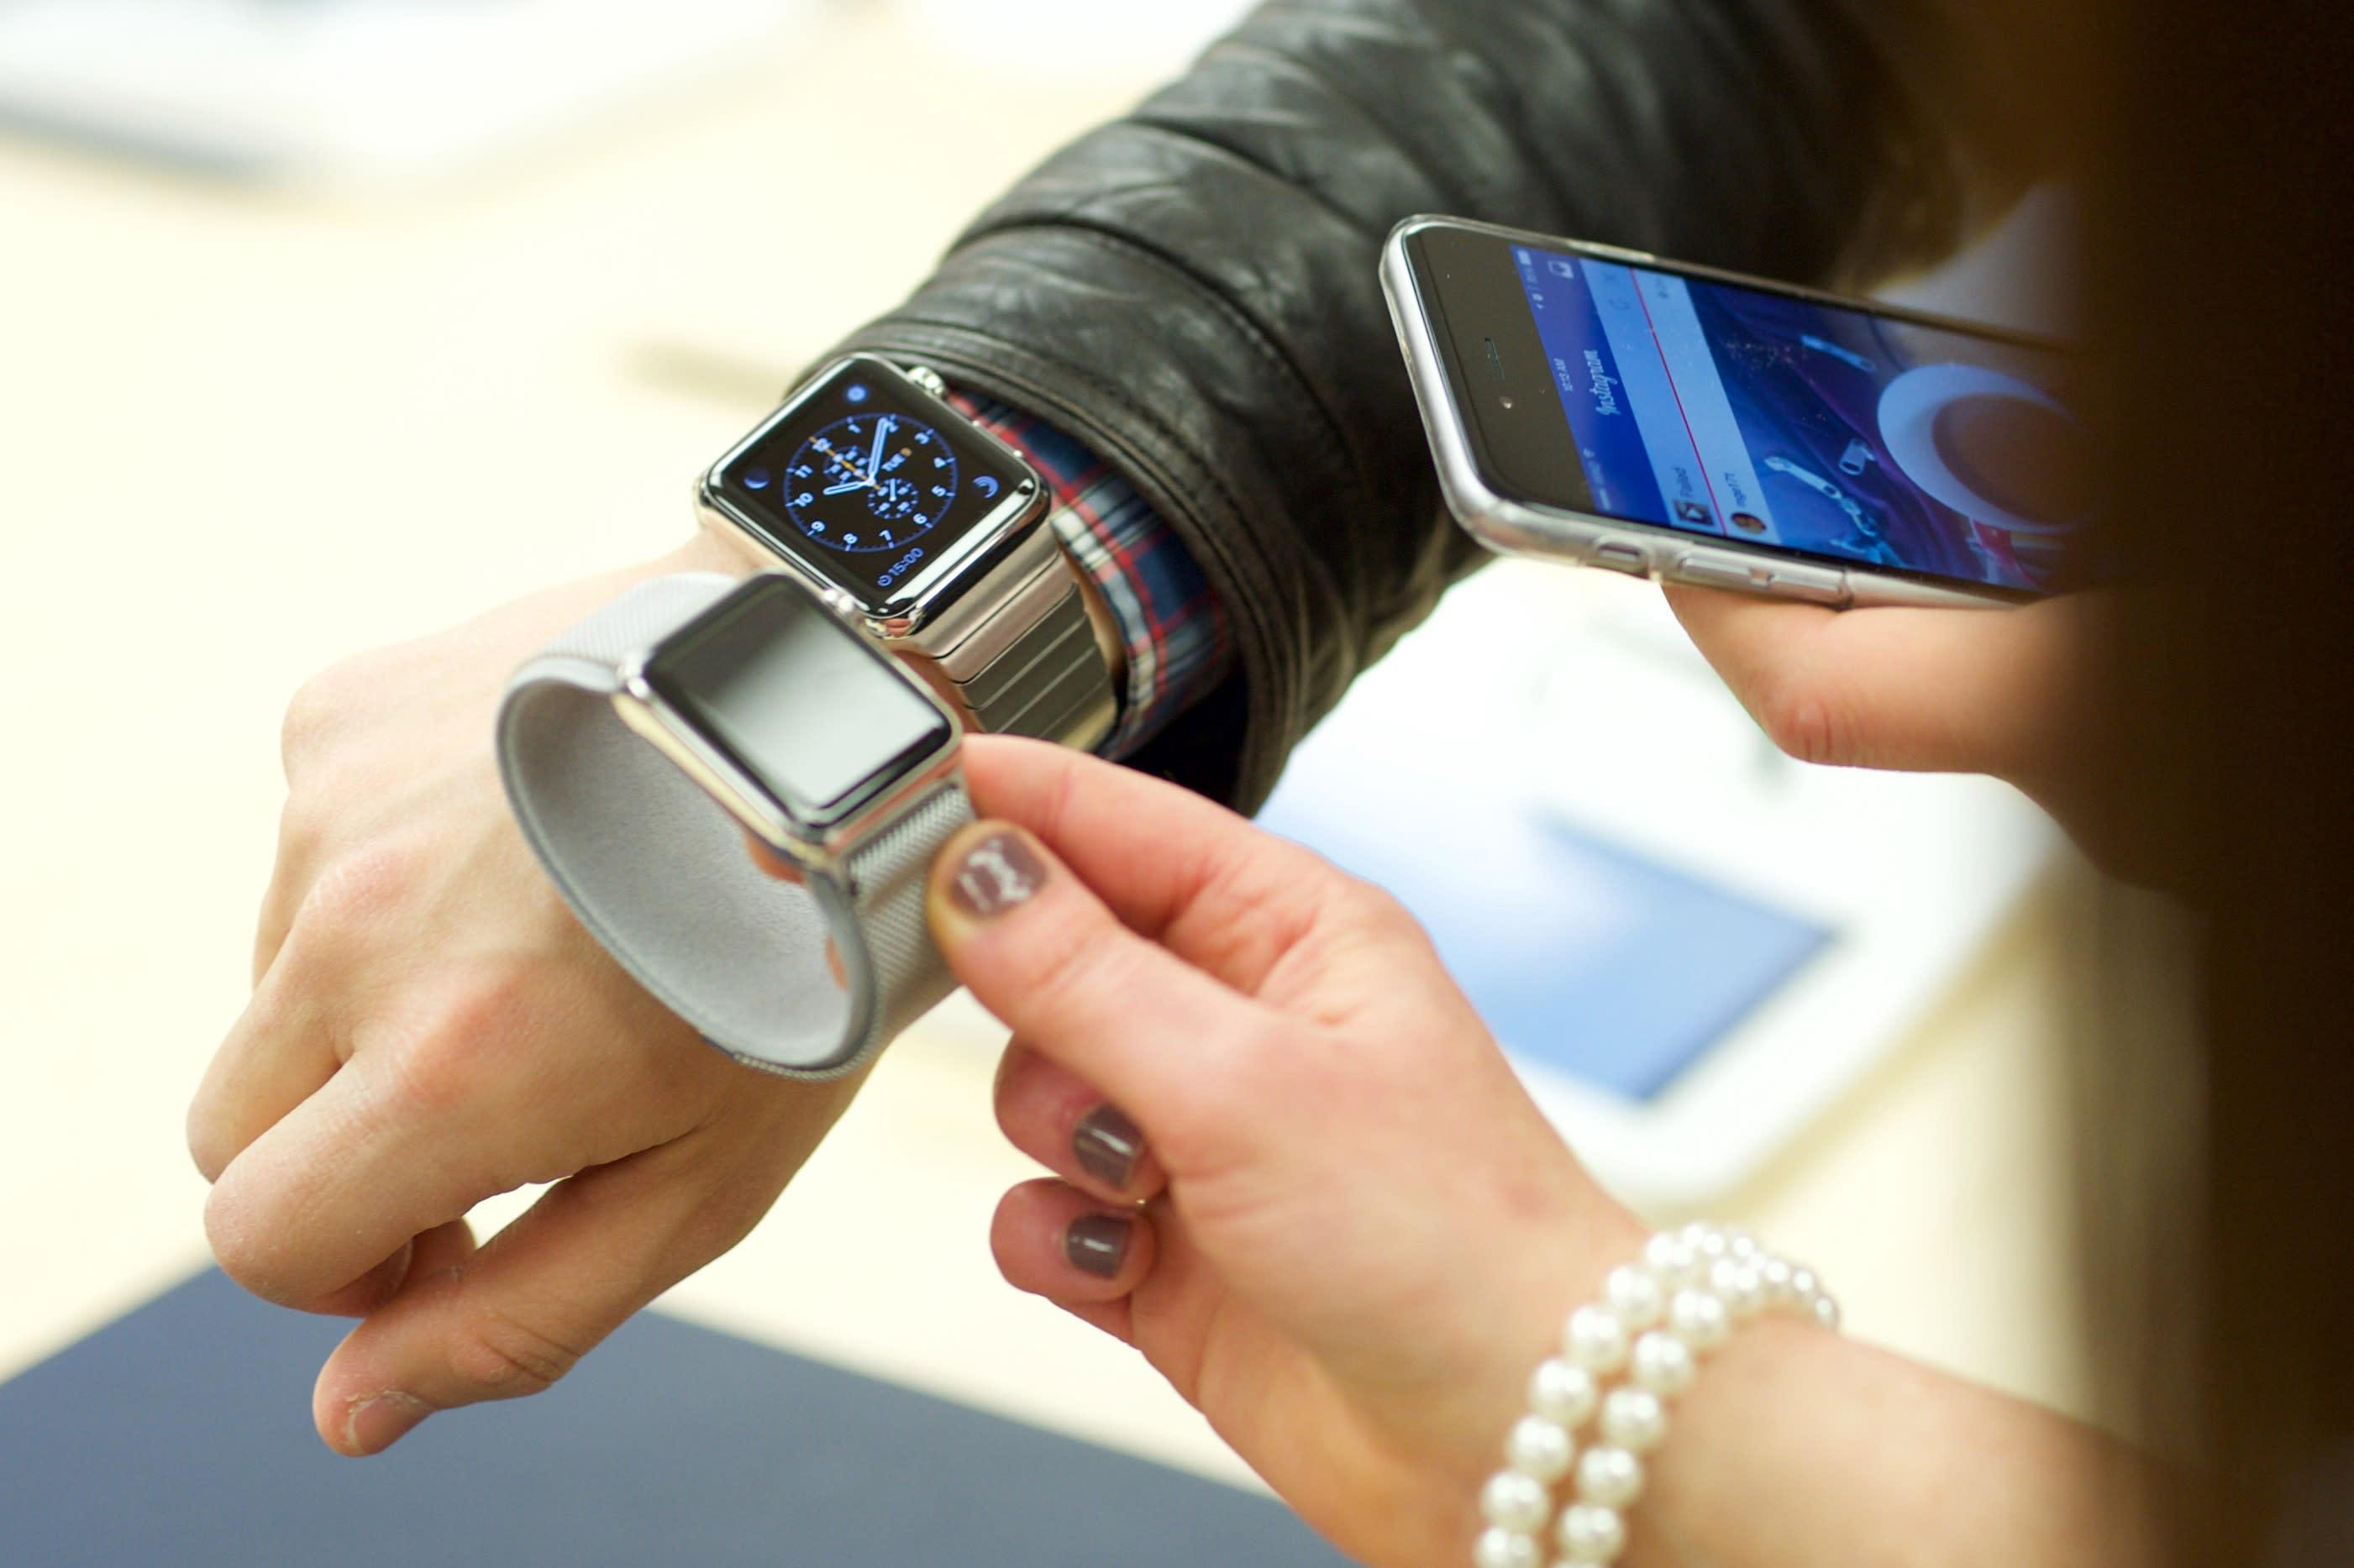 Если вы уже клиент iport, оставьте номер бонусной карты iport или номер мобильного телефона и мы зачислим вам на счет рублей.